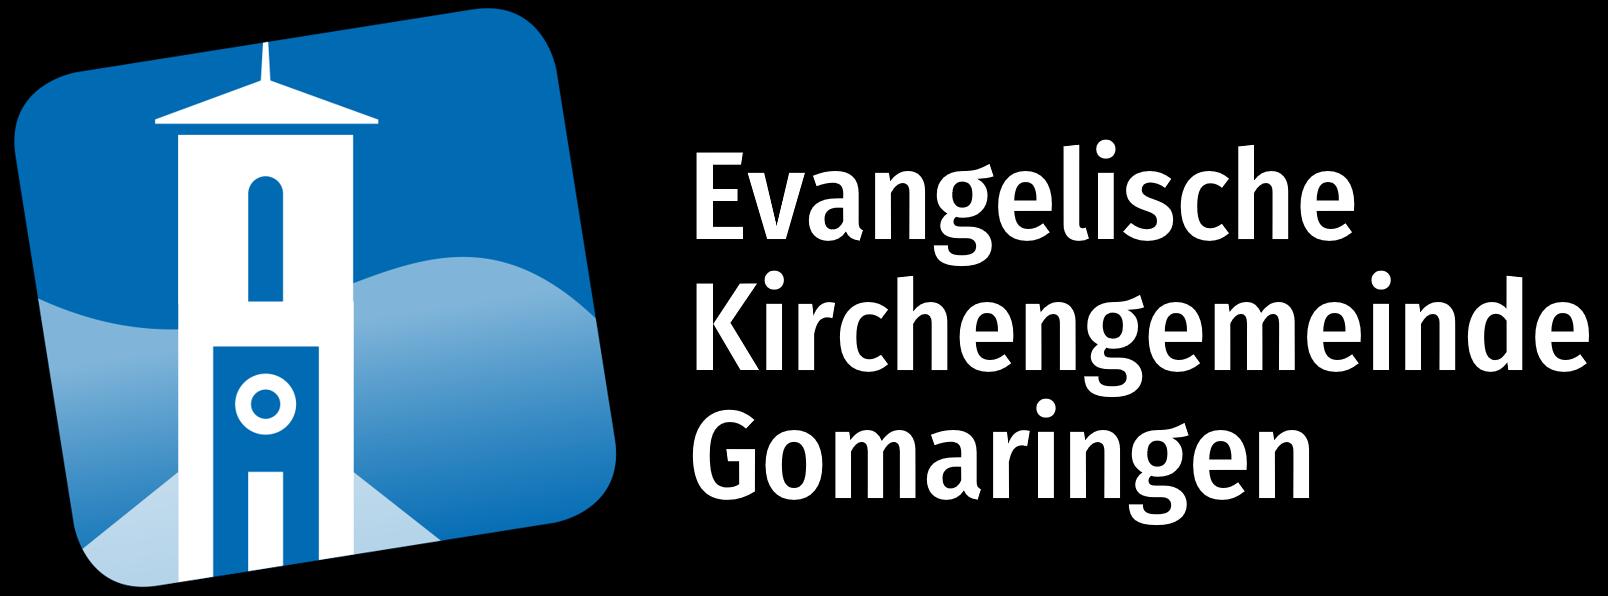 Evangelische Kirchengemeinde Gomaringen